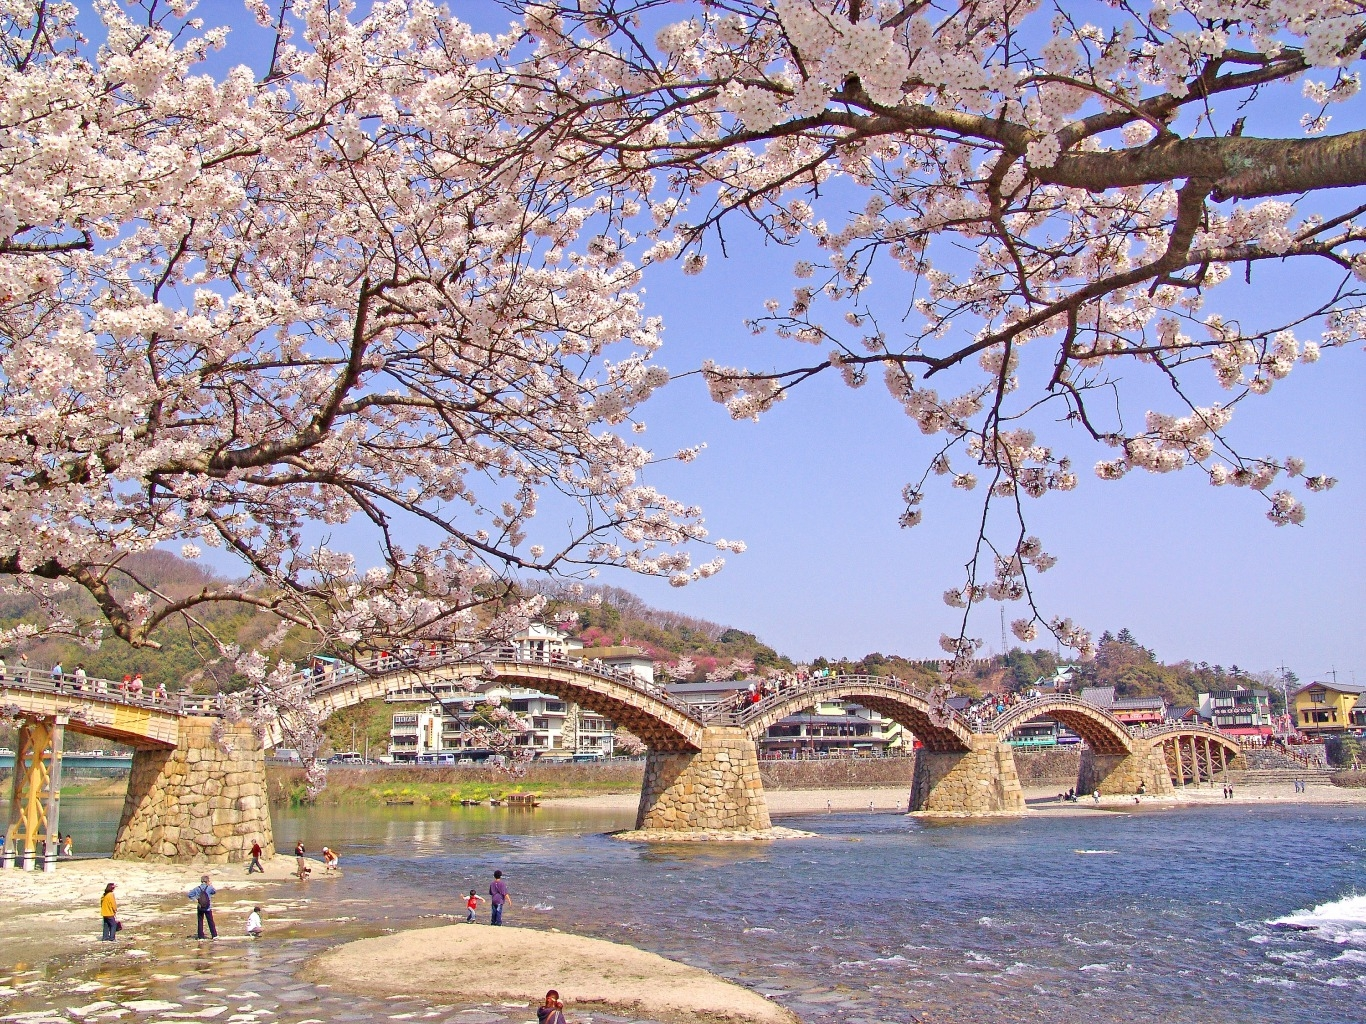 2. 锦带桥